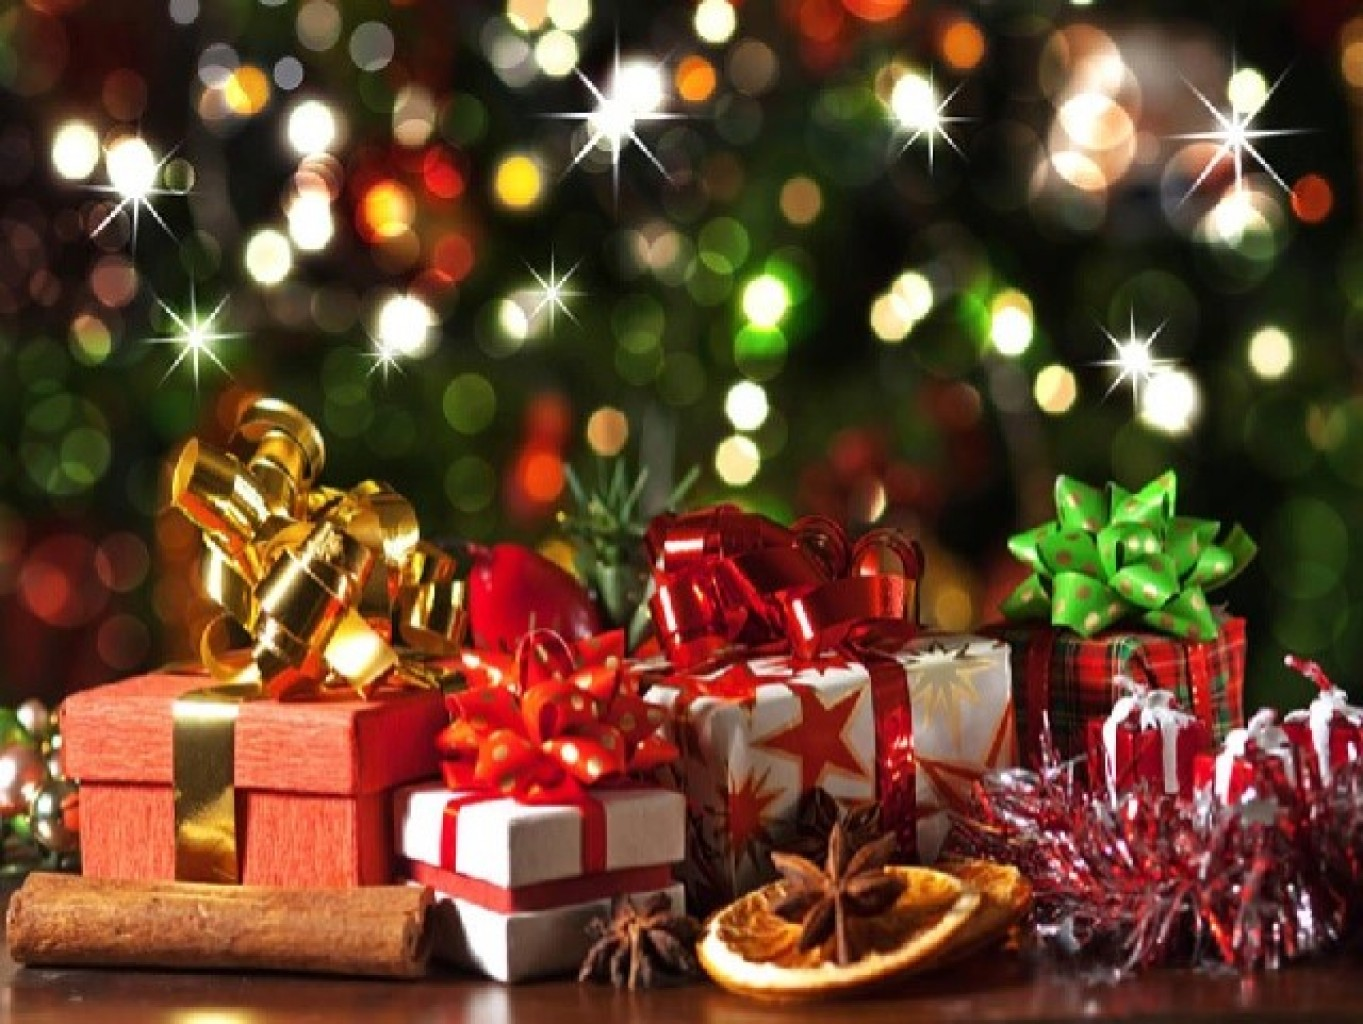 ¿Qué es el estrés navideño?